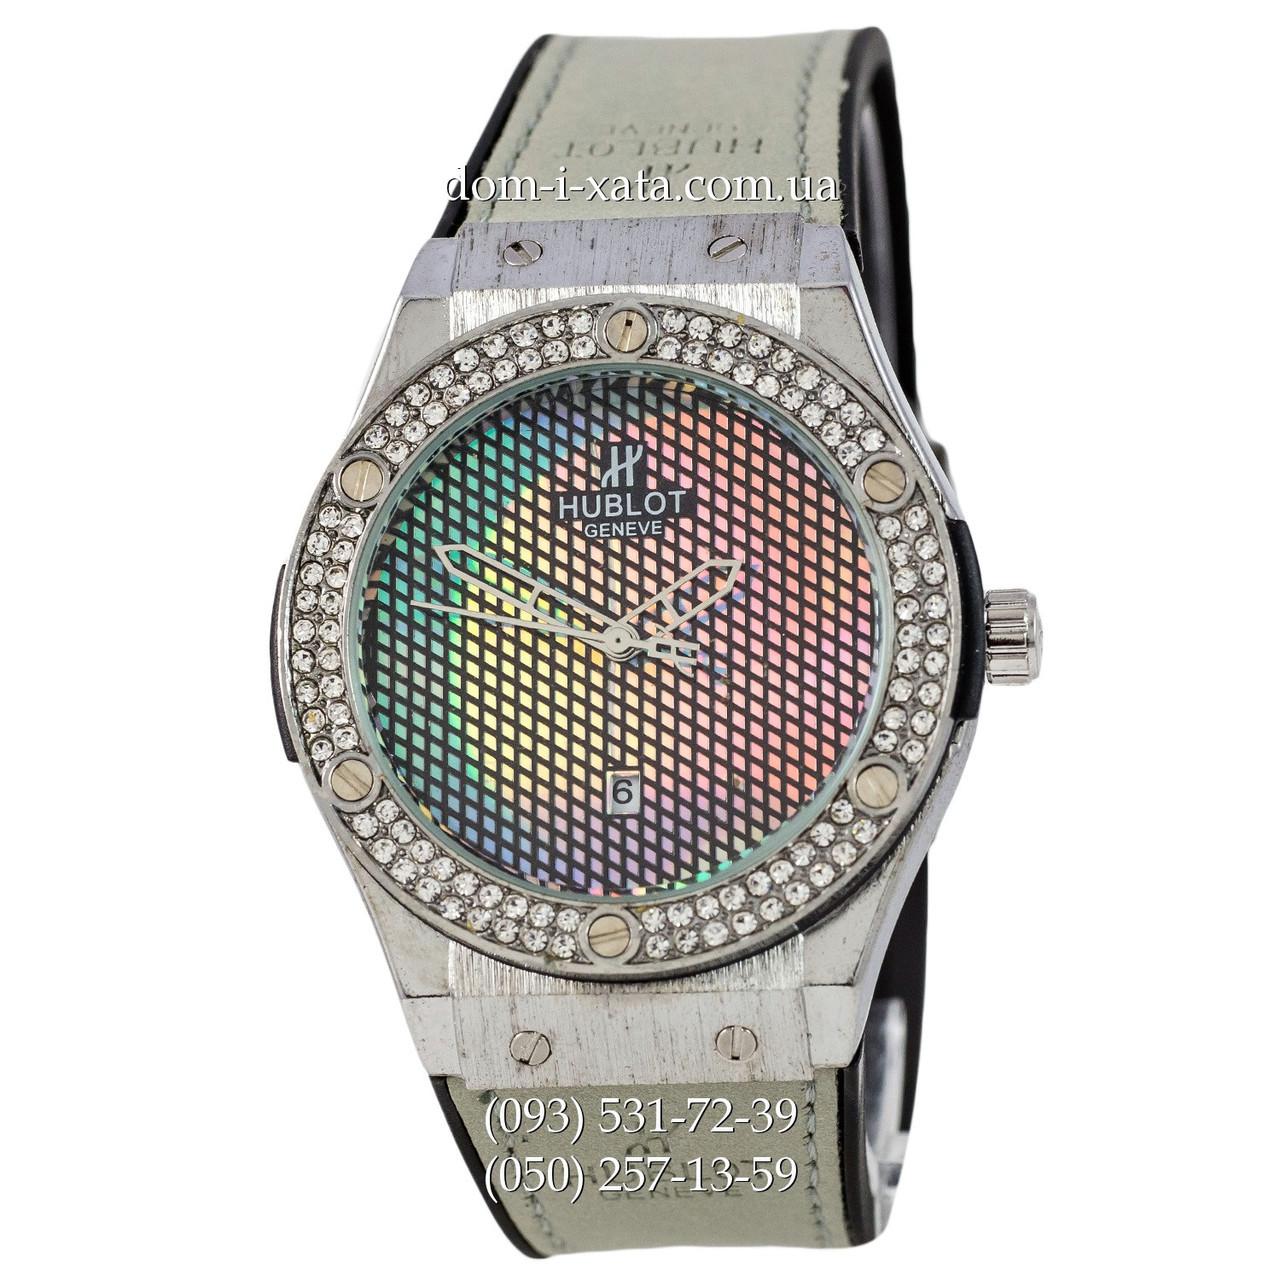 Мужские наручные часы Hublot 882888 Classic Fusion Gray-Silver Crystal, Хублот классик, реплика отличное качество!